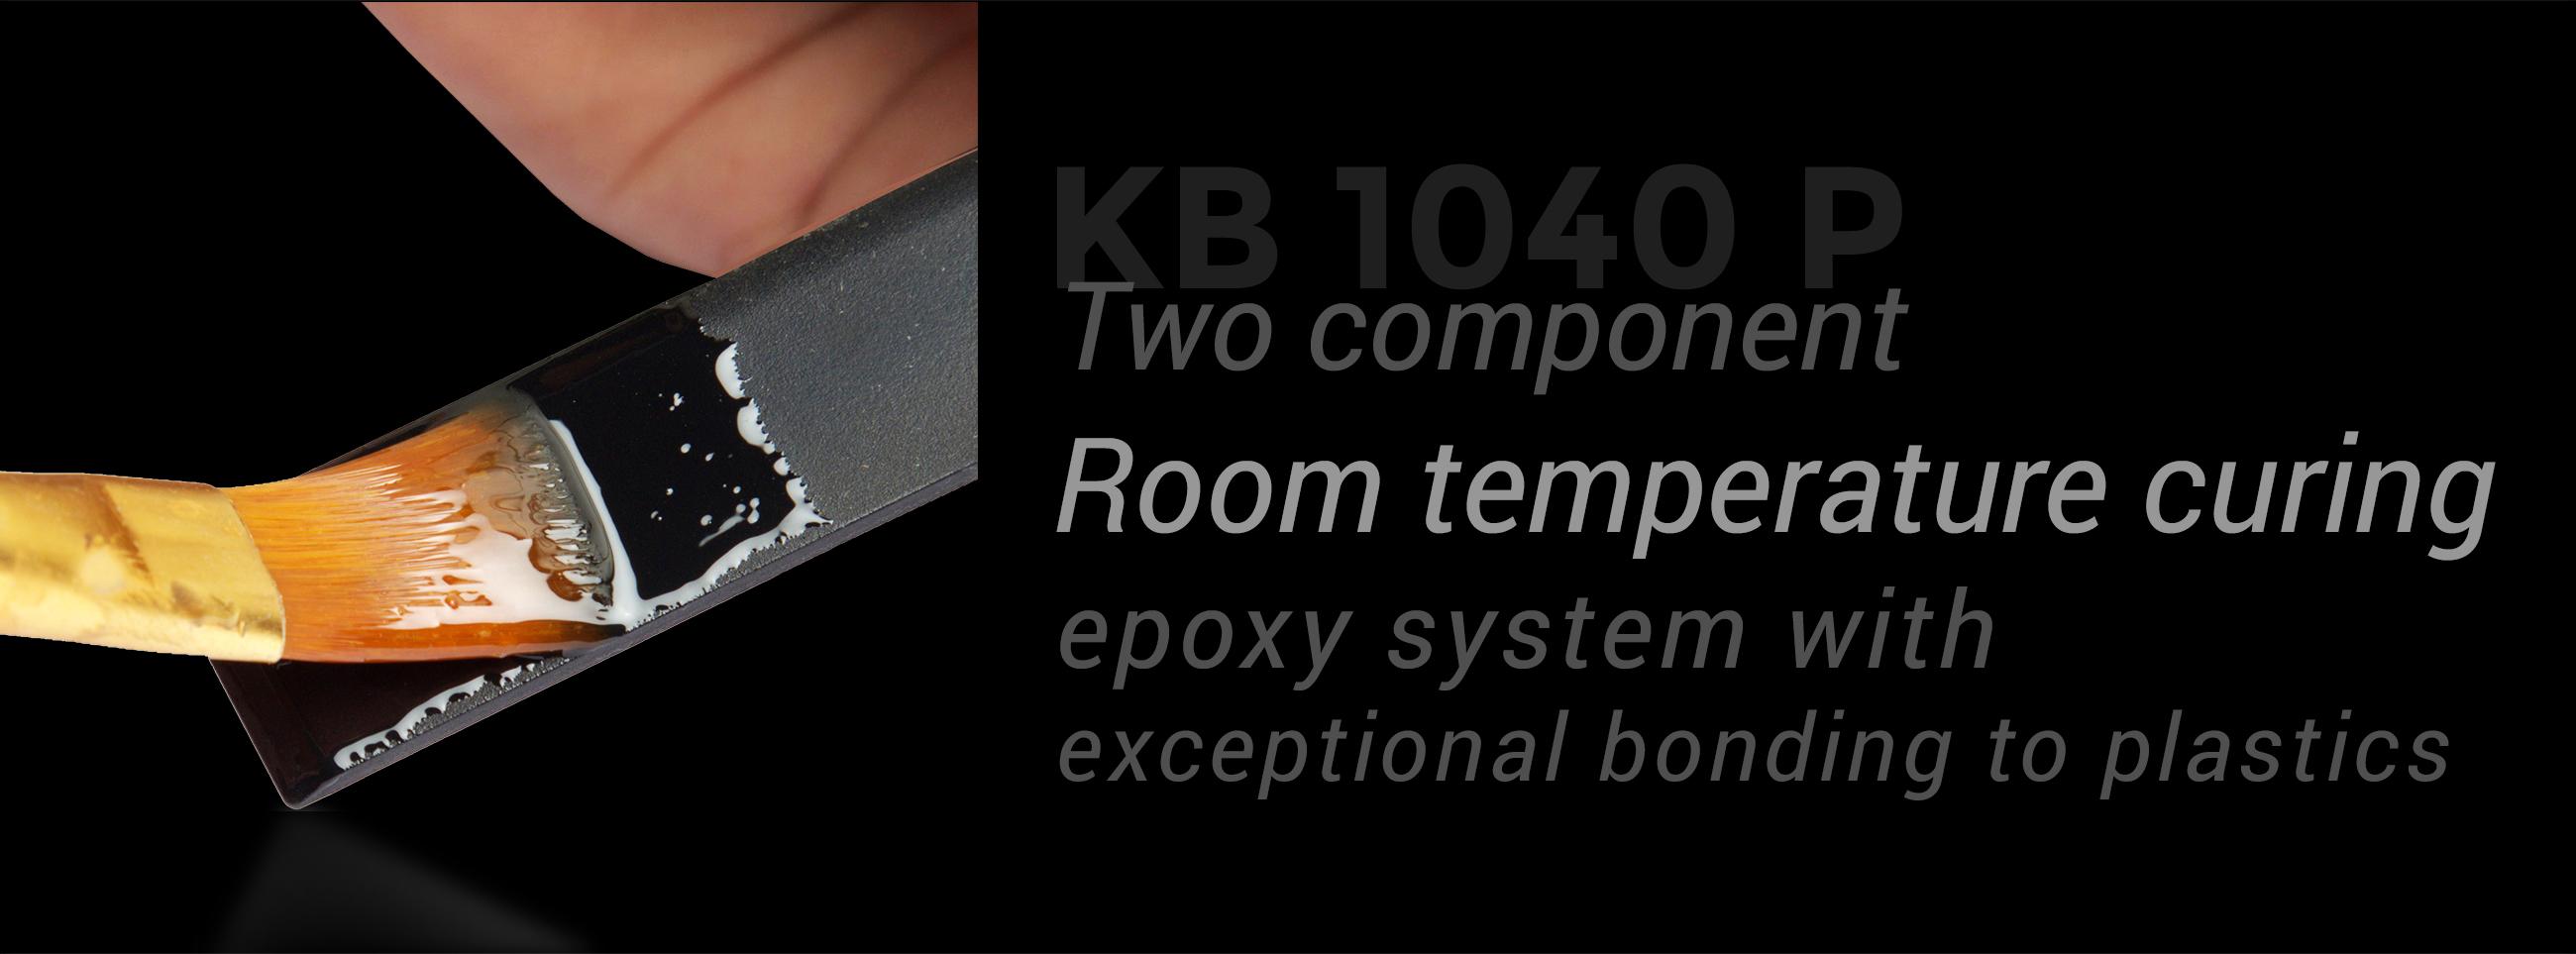 KB 1040 P